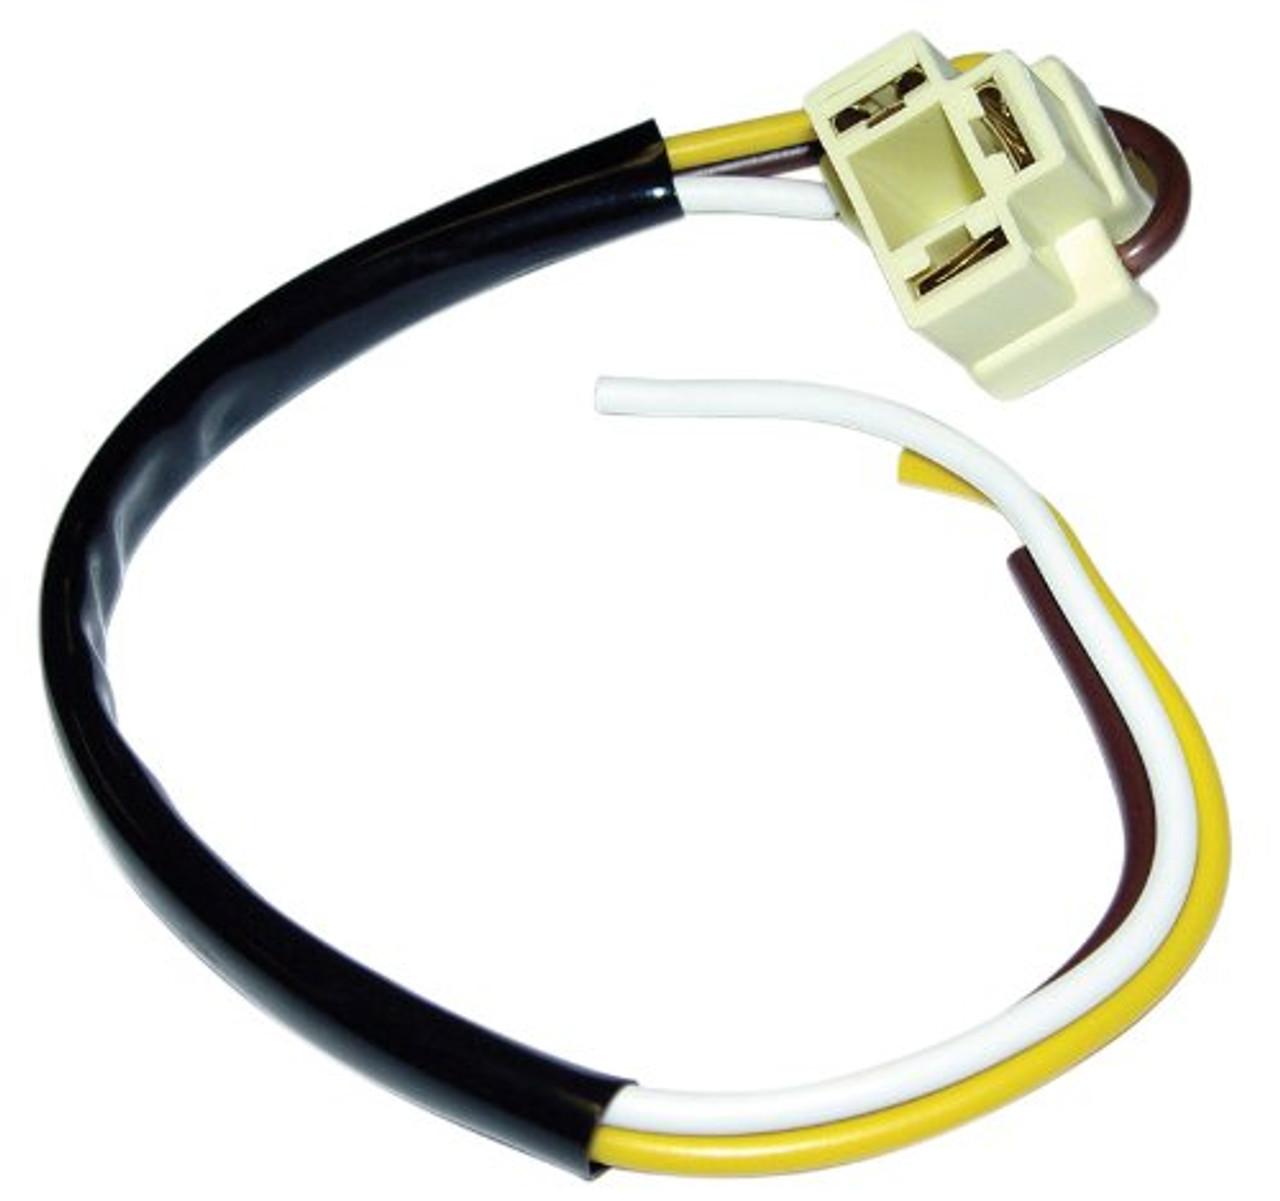 vw baja wiring empi 16 2102 heavy duty 3 prong headlight wiring pigtail  dune  3 prong headlight wiring pigtail  dune